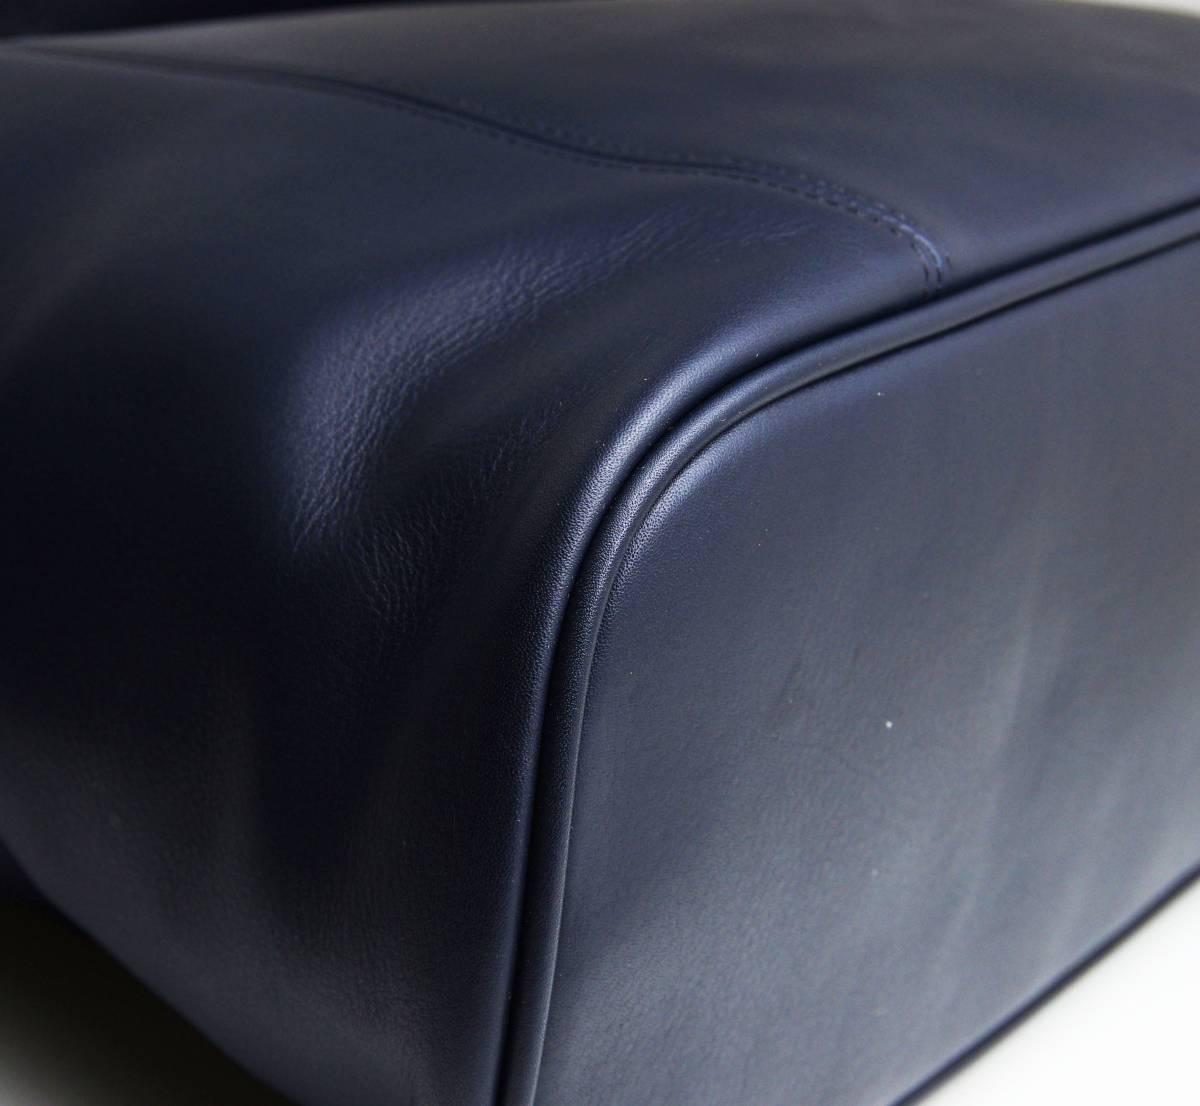 デットストック 極美品 オールドコーチ COACH トートバッグ ビジネスバッグ モスネイビー レザー メンズバッグ 牛革 A4ファイル 定価6万_画像4